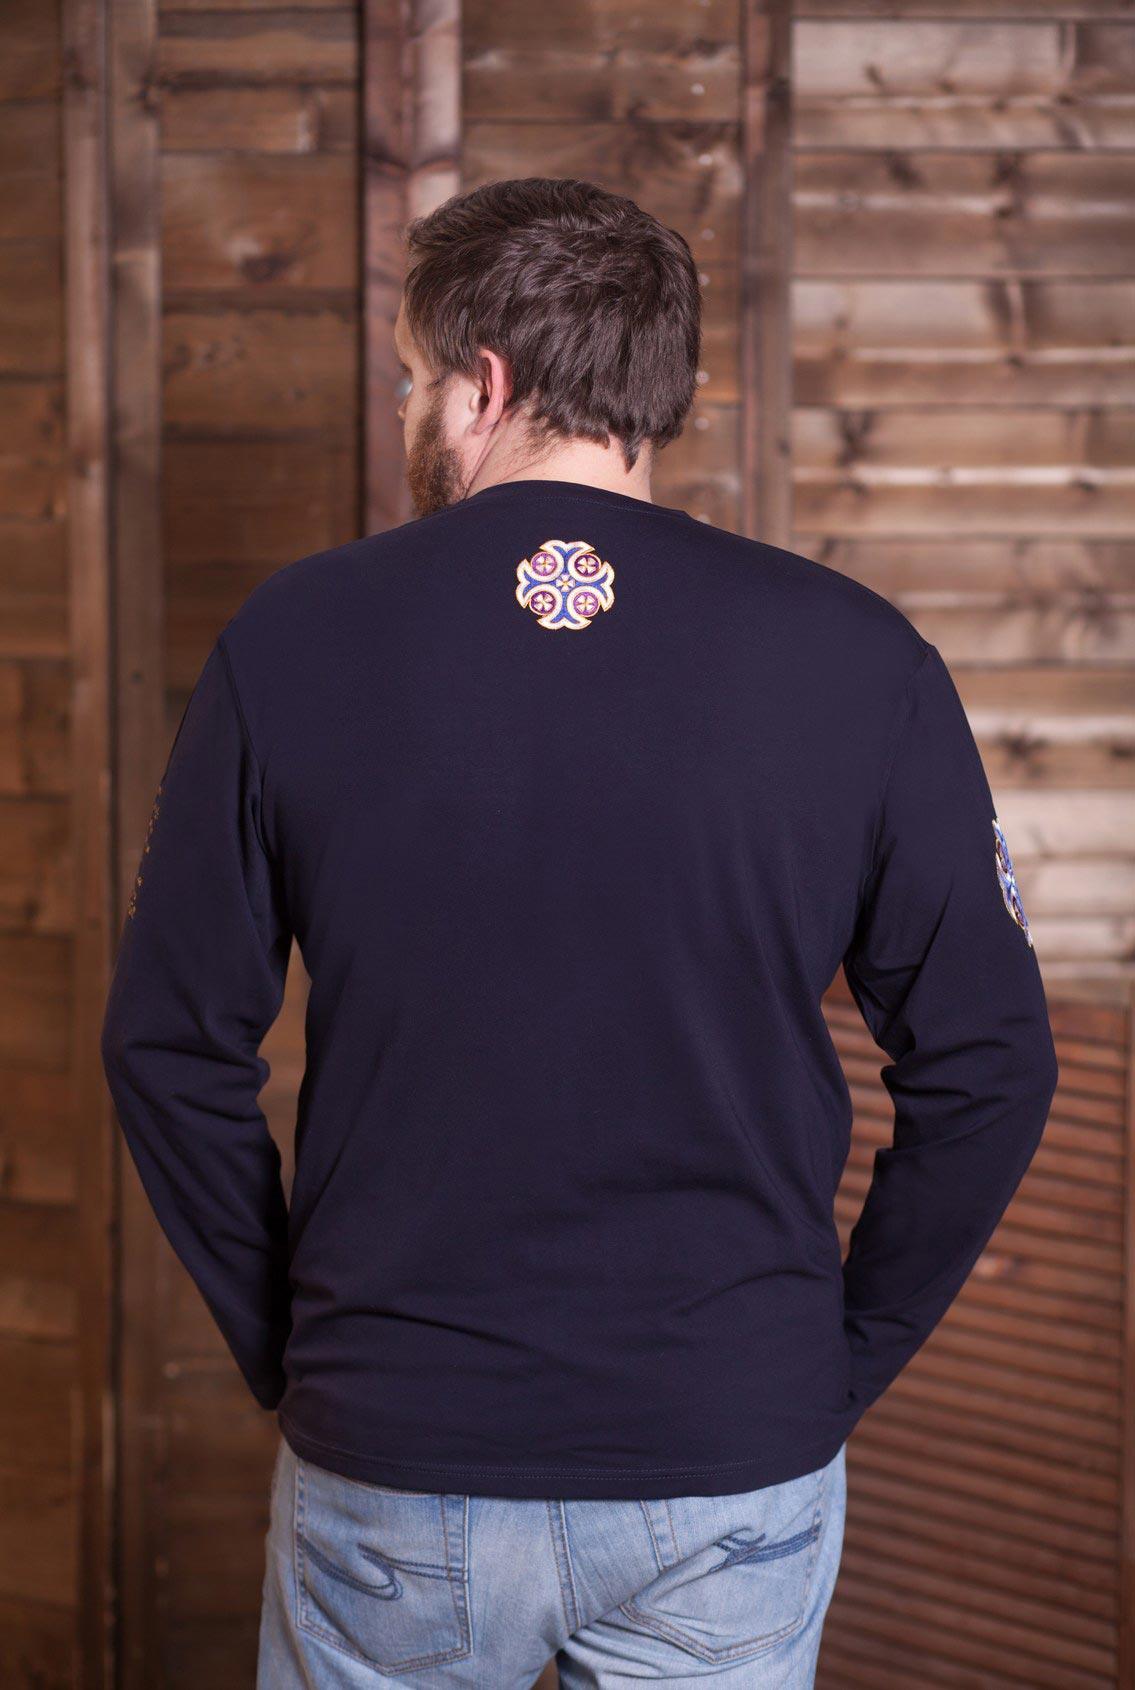 мужская футболка больших размеров, men's T-shirt of large sizes